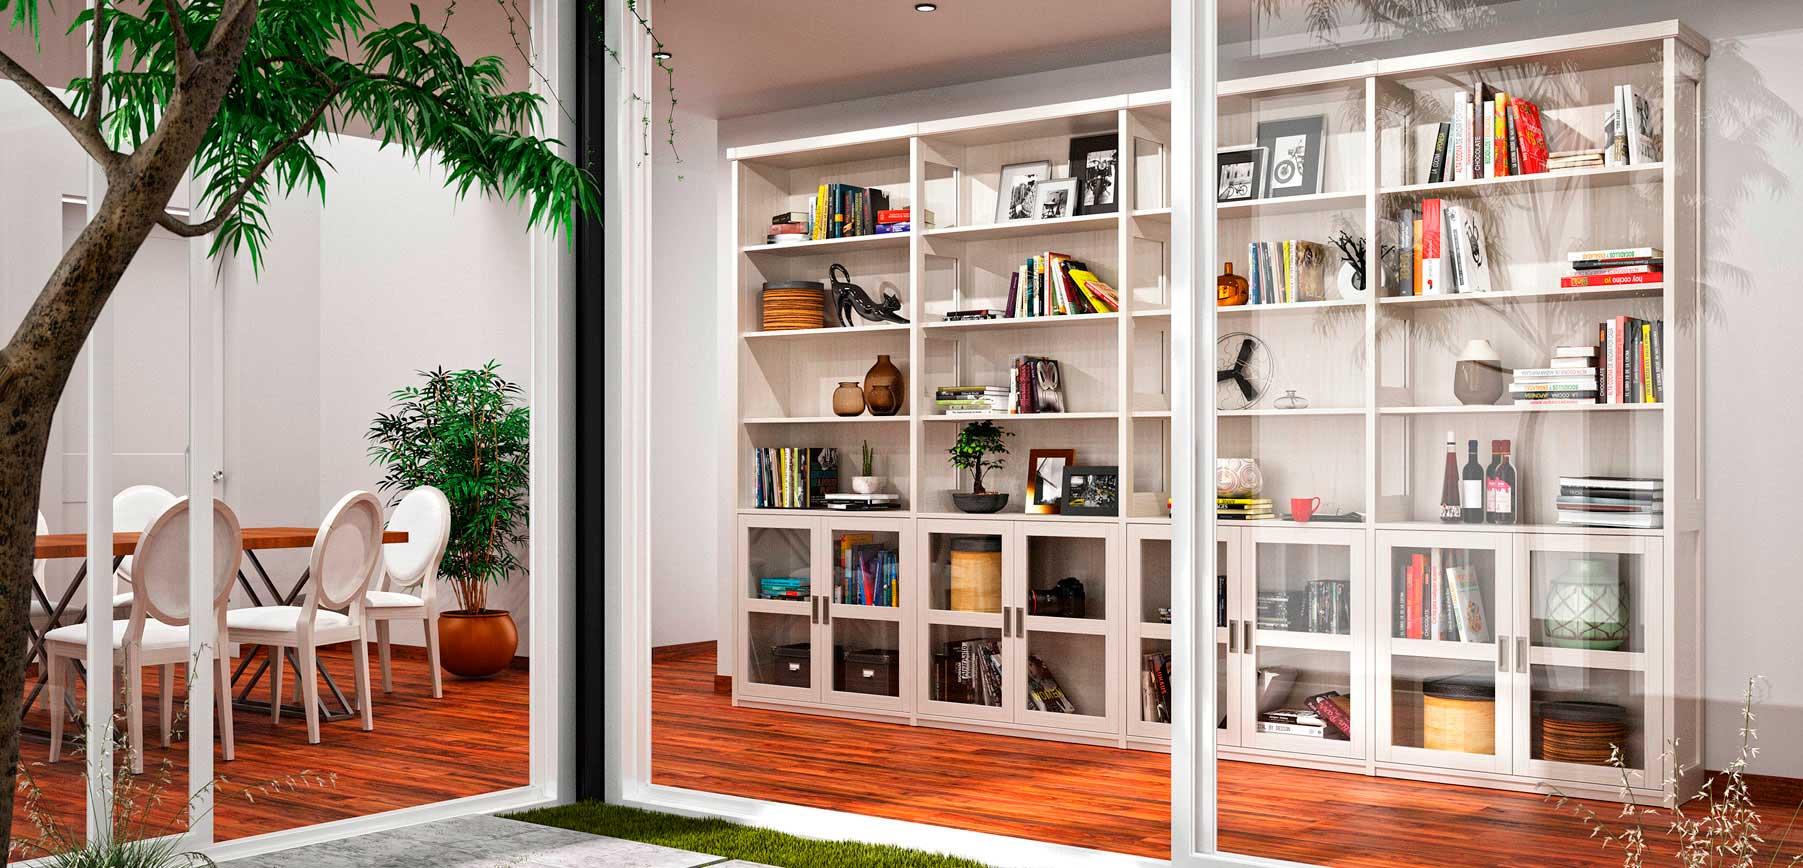 Muebles gruposeys muebles de comedor dormitorios y for Comedor juvenil